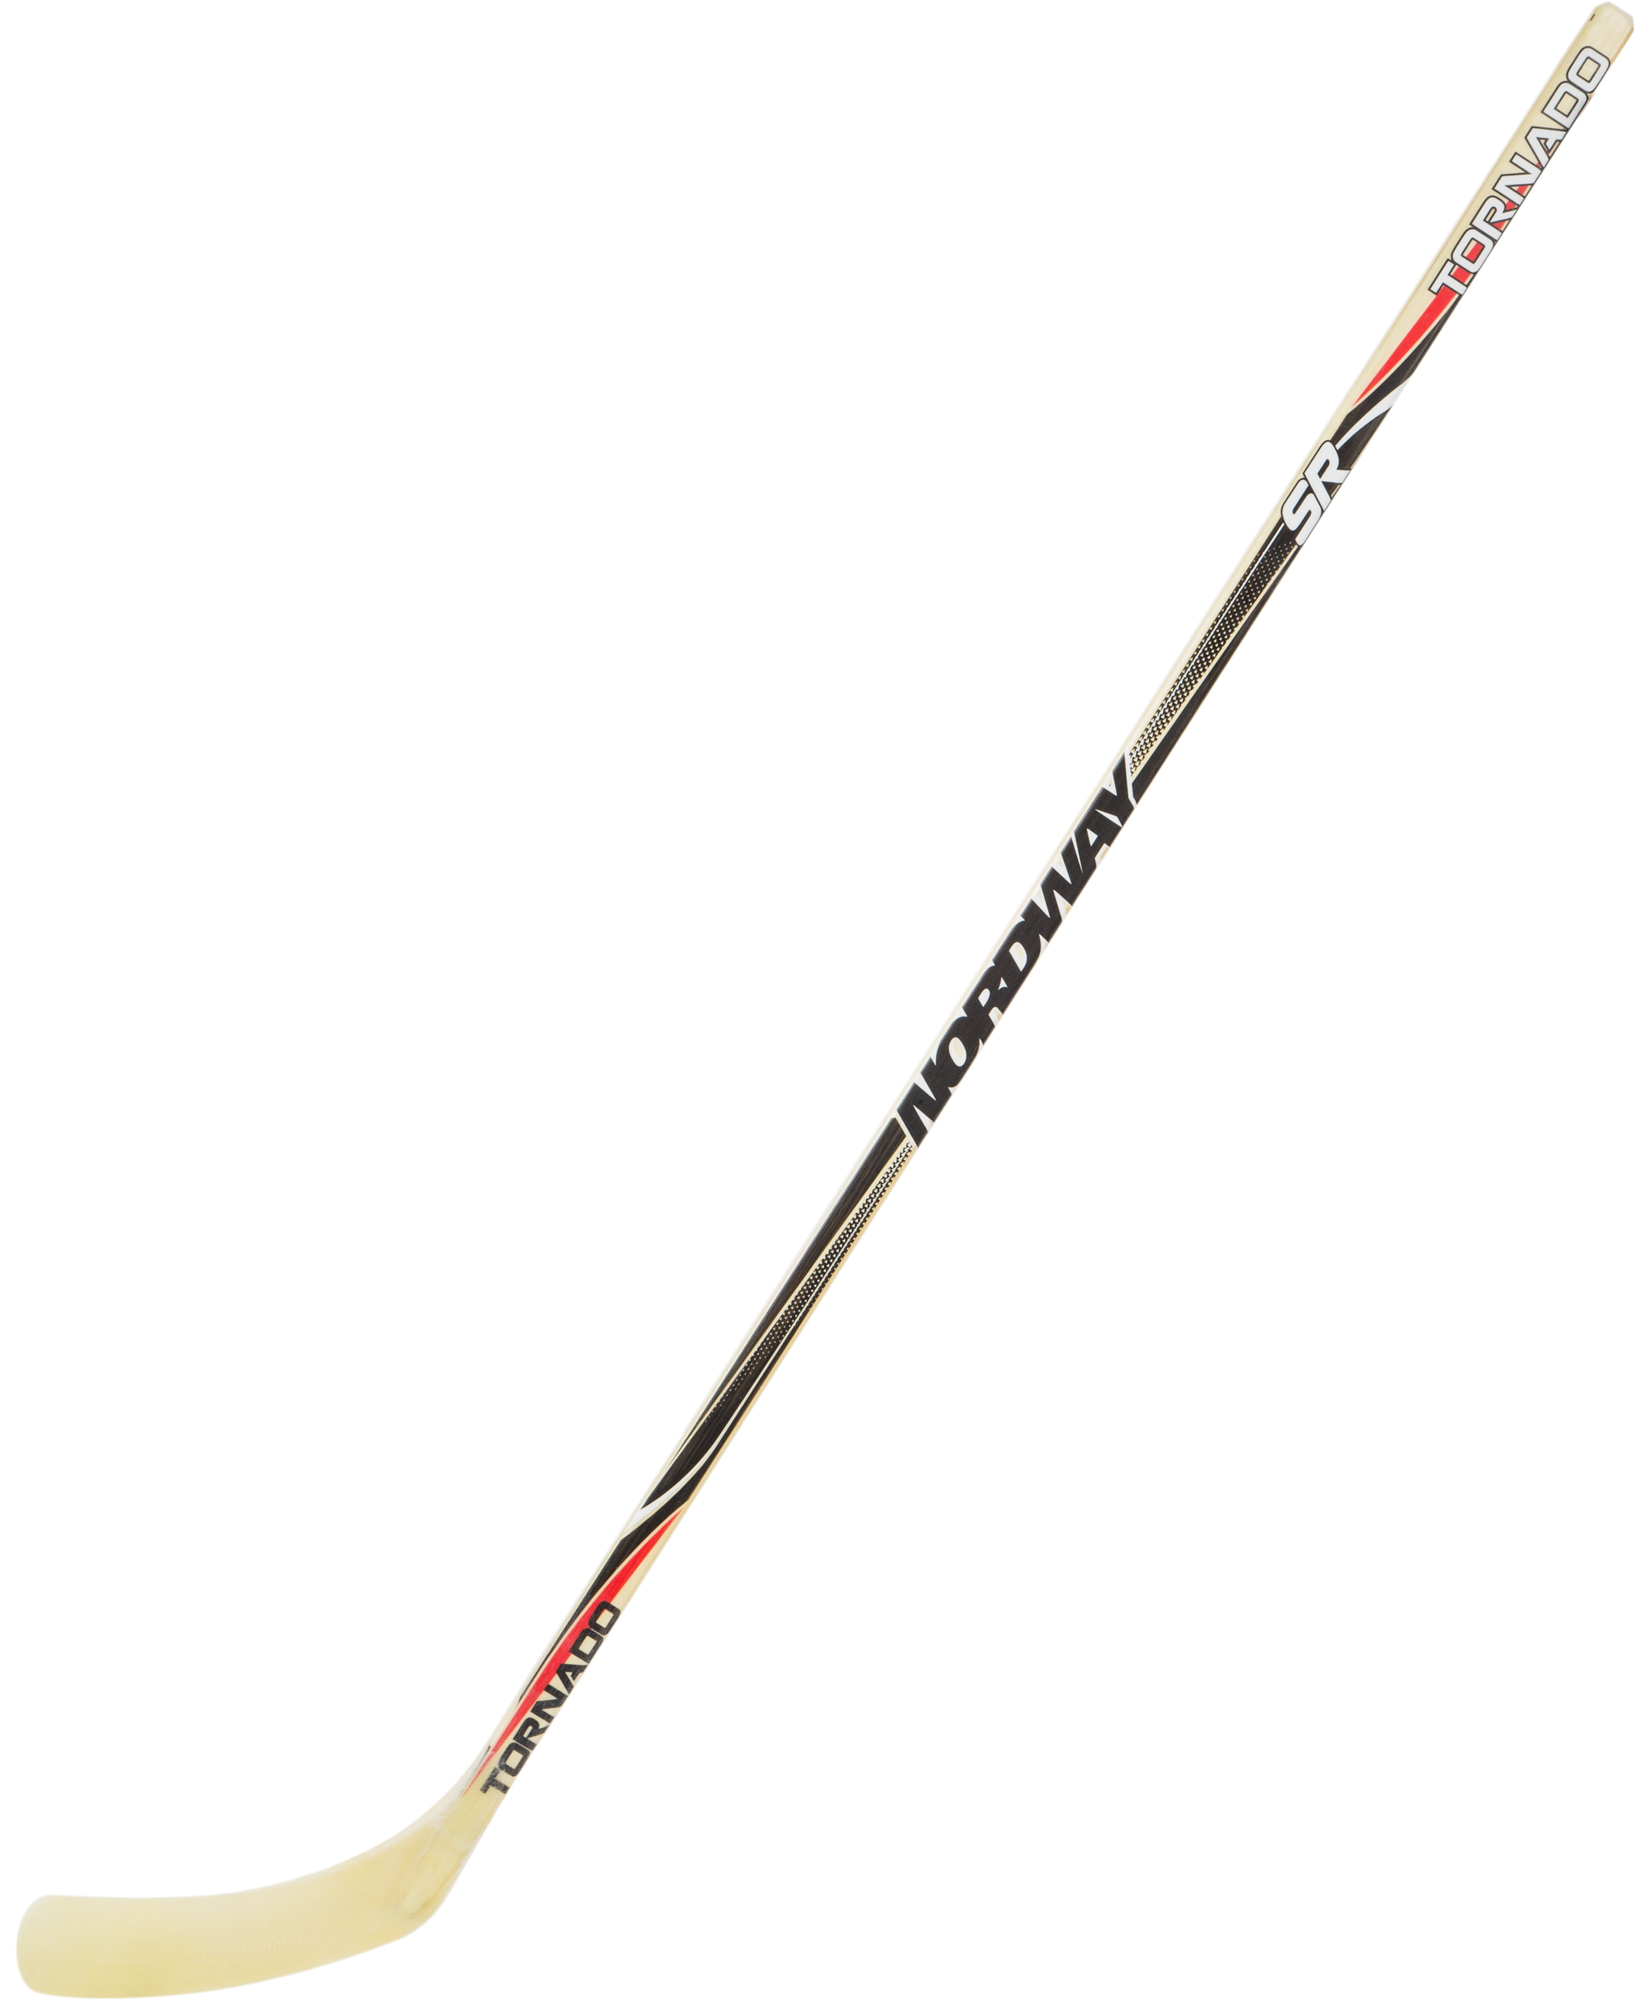 Nordway Клюшка хоккейная взрослая Nordway Tornado, размер L все цены